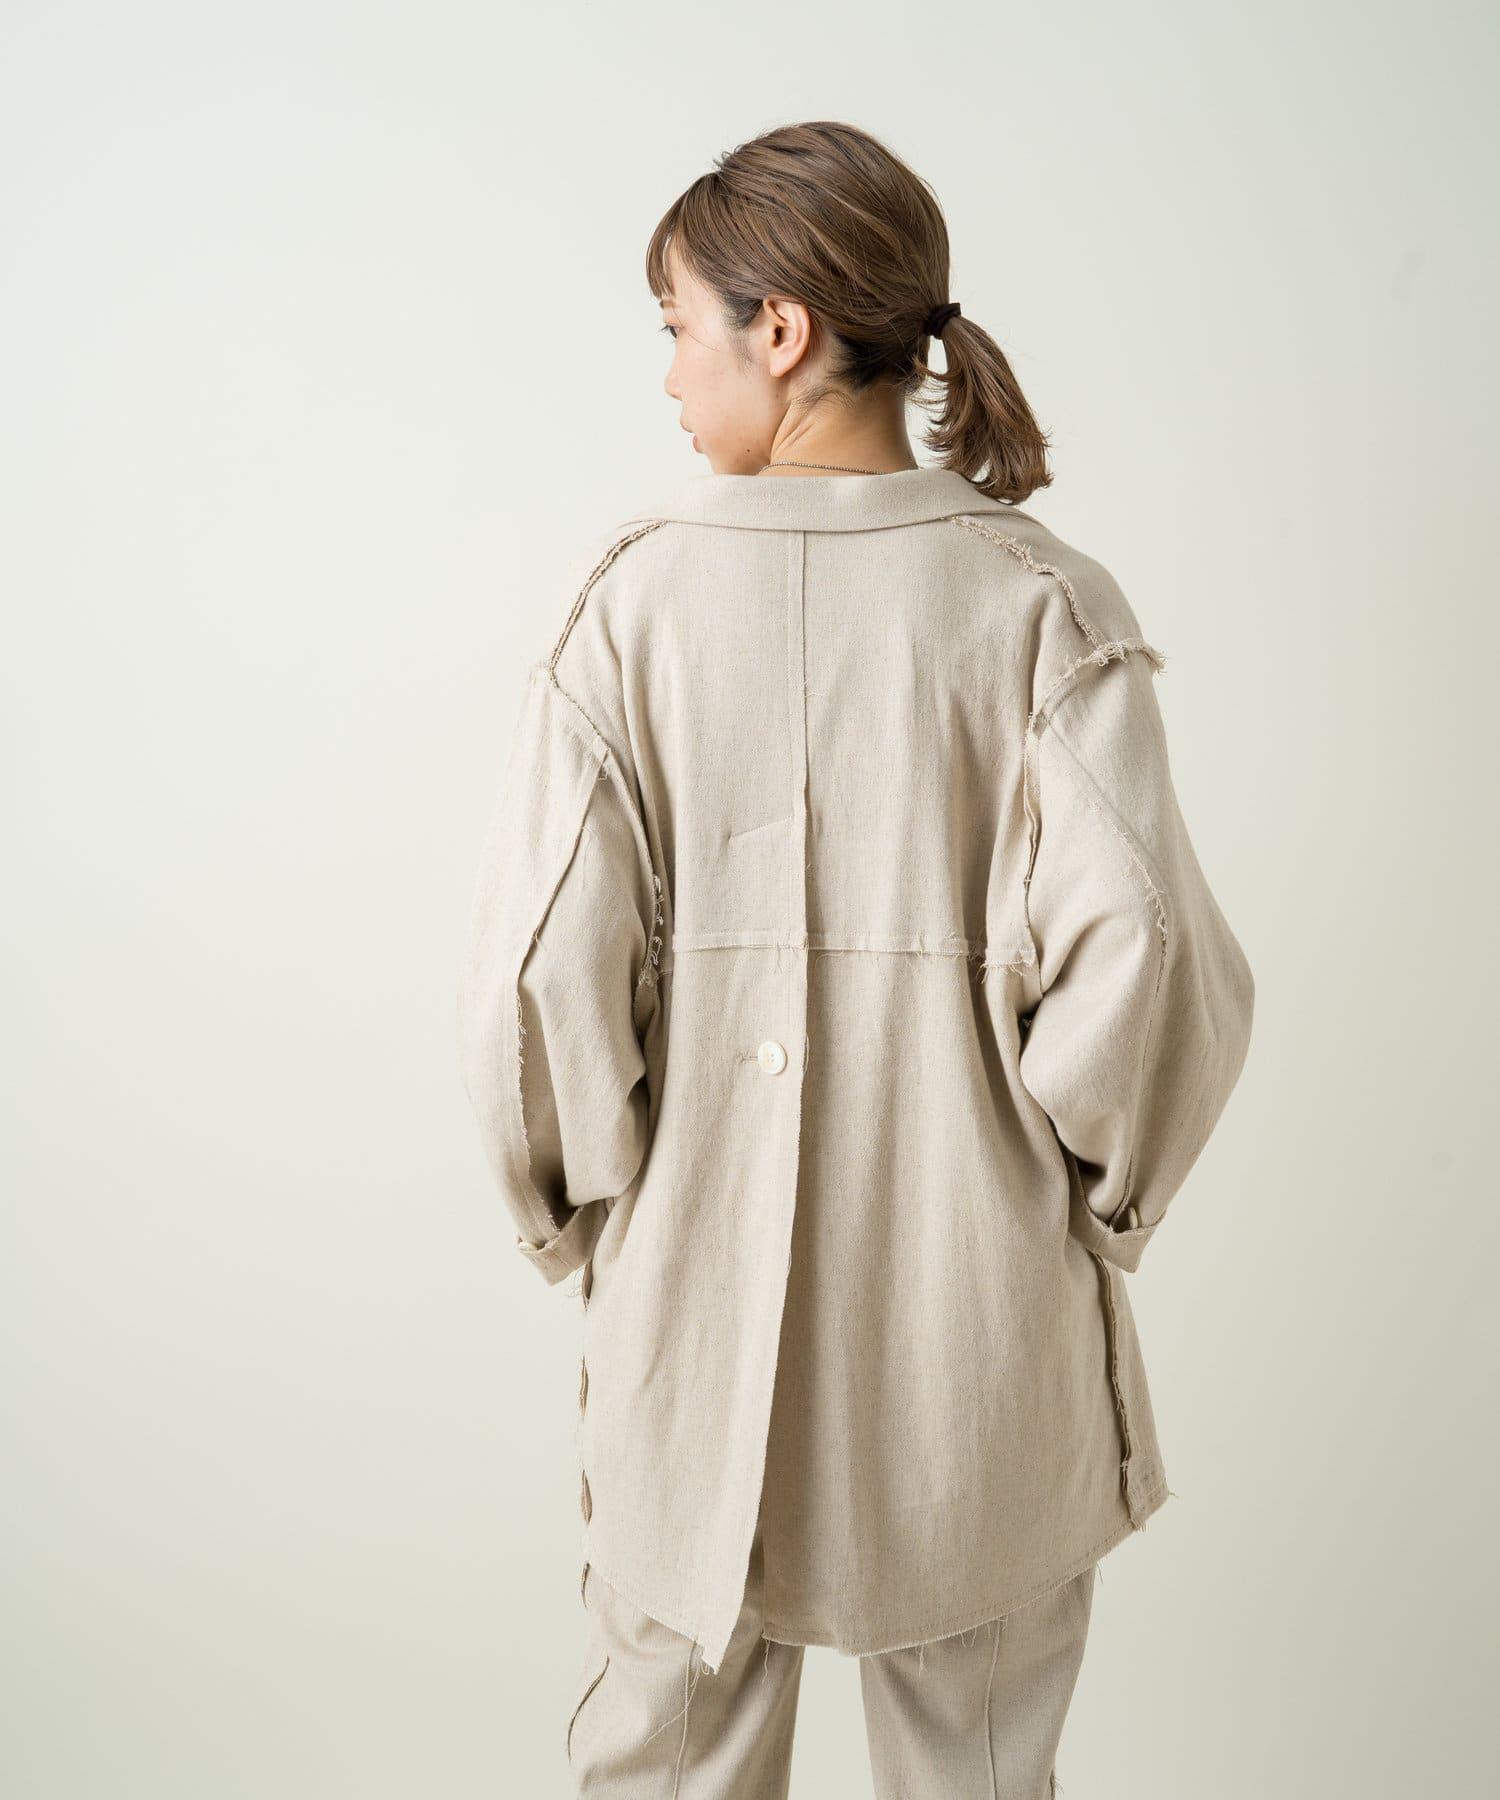 Kastane(カスタネ) ストレッチリネンパッチワークジャケット